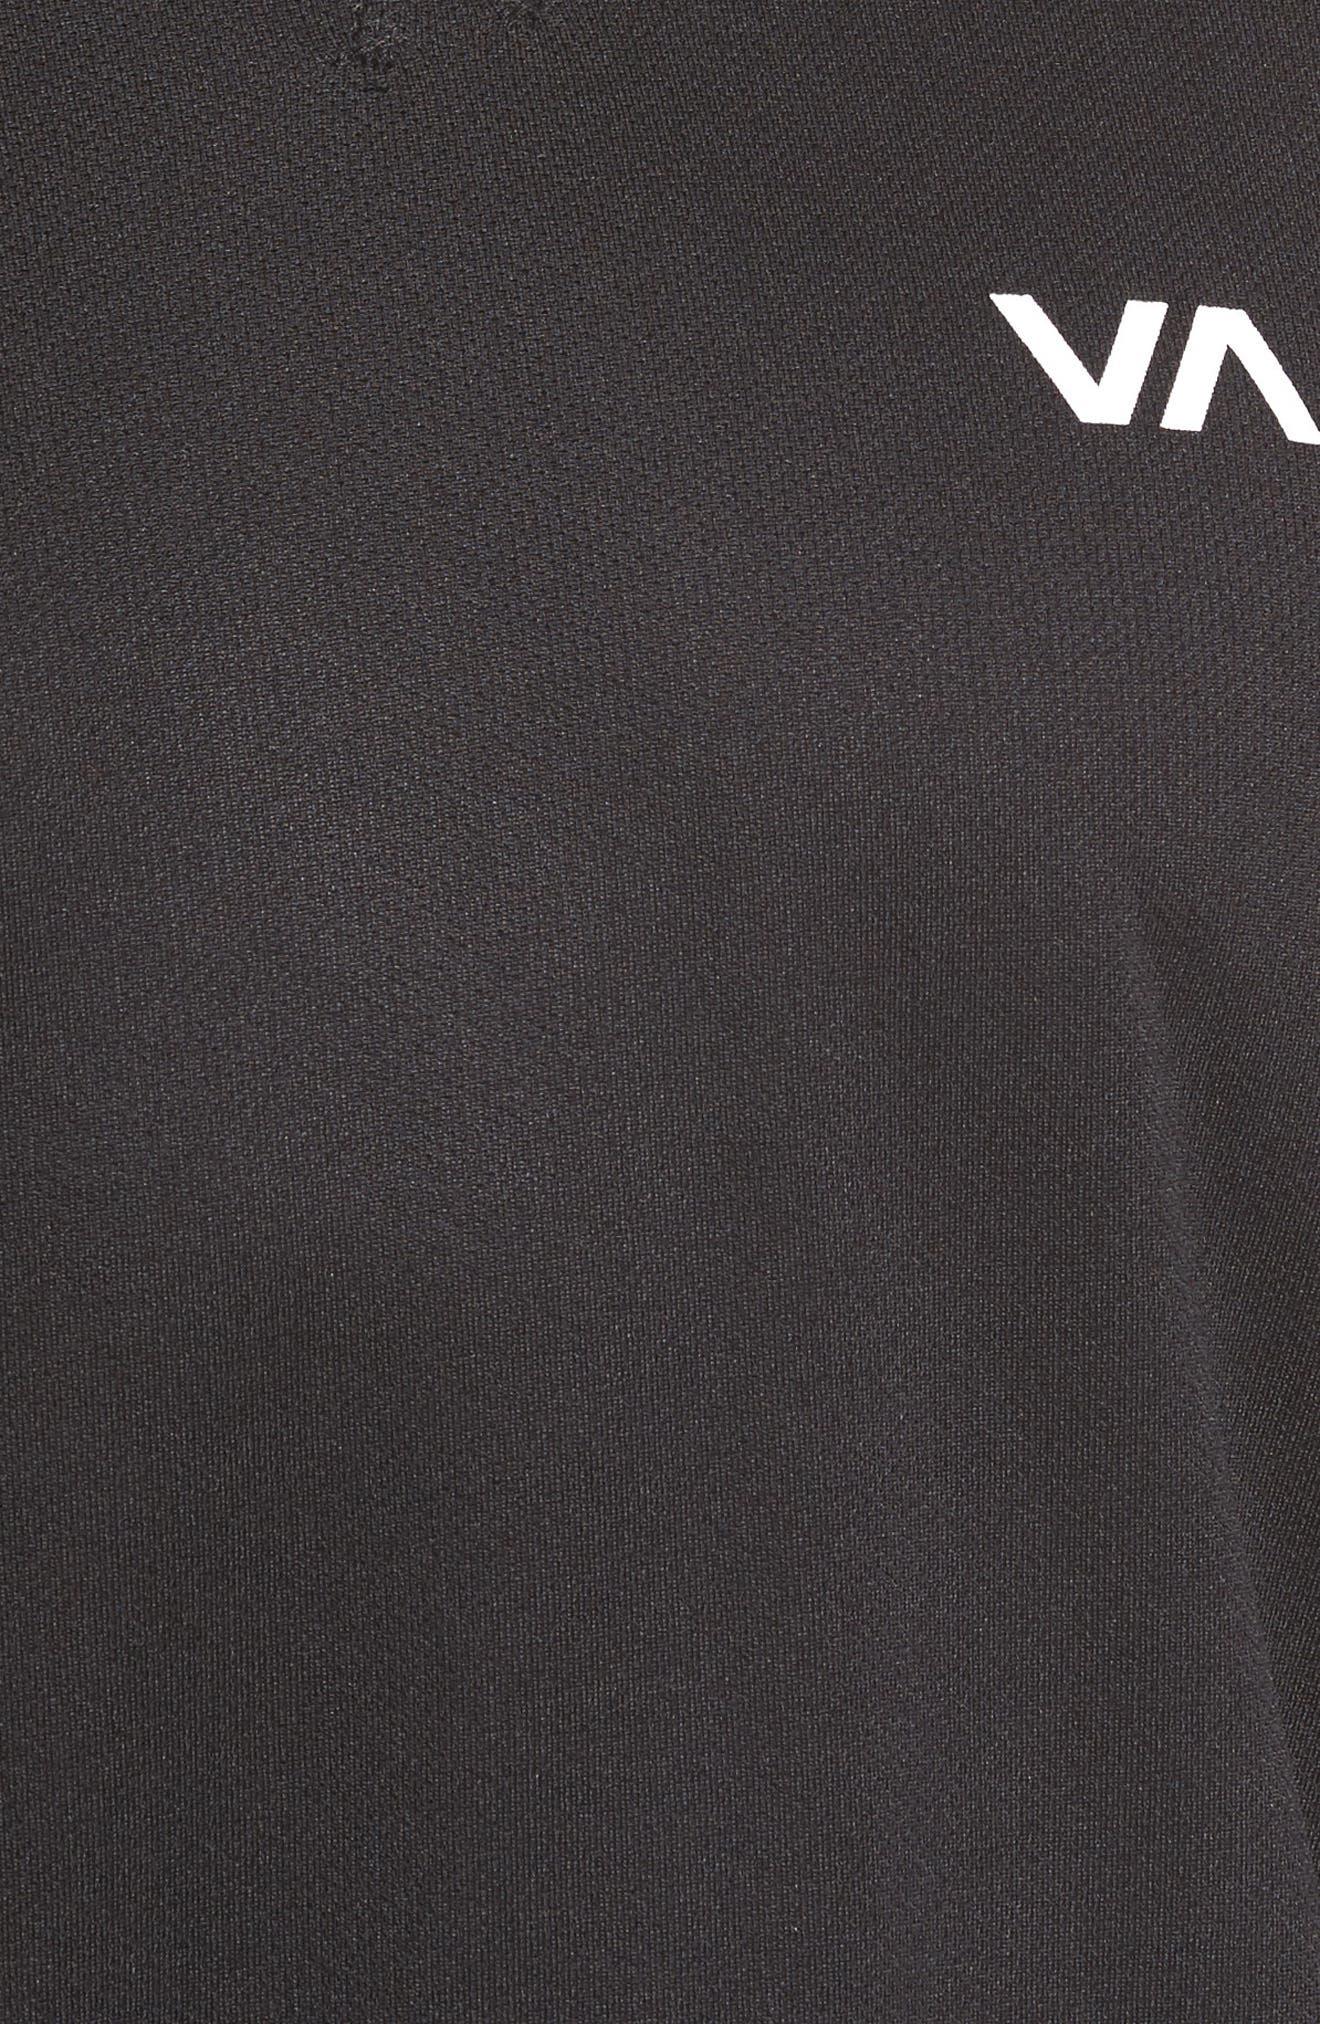 Runner Mesh Long Sleeve T-Shirt,                             Alternate thumbnail 5, color,                             Black